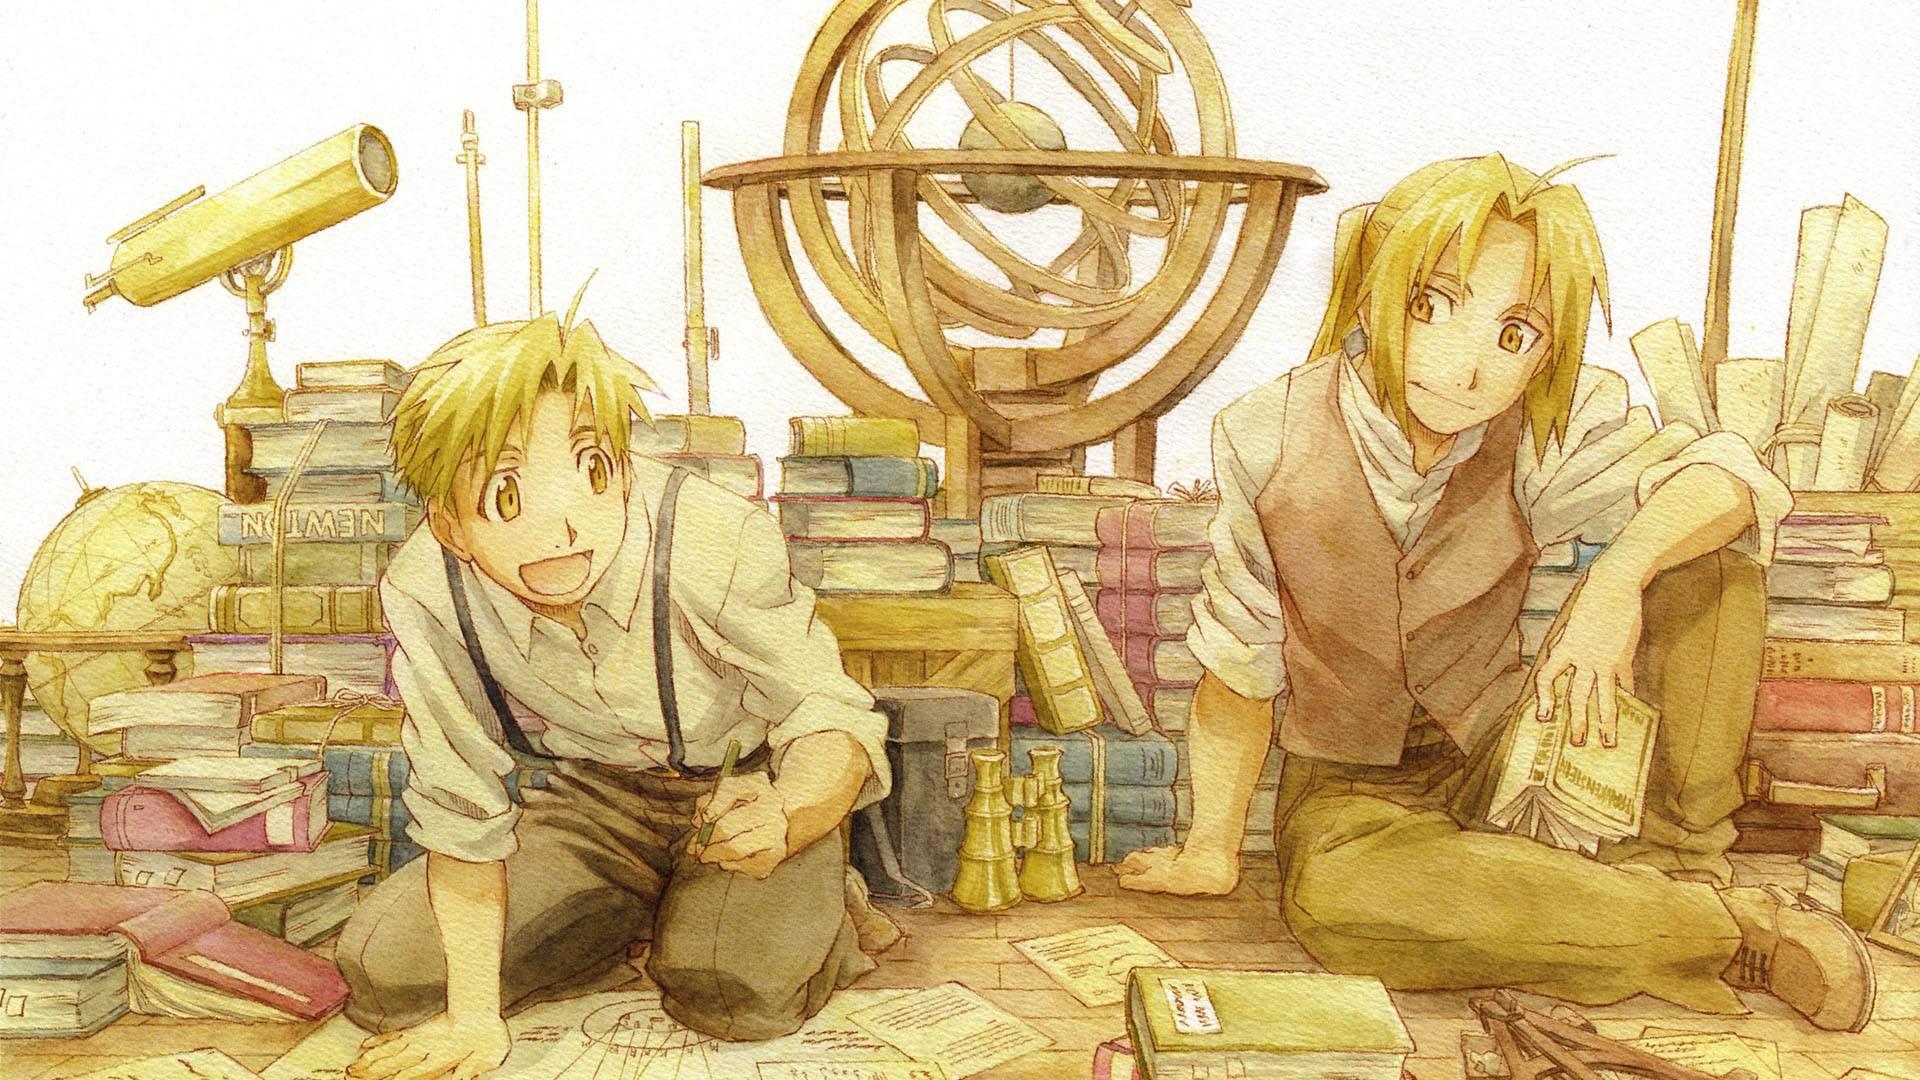 Fullmetal Alchemist Brotherhood, Wallpaper - Zerochan ...